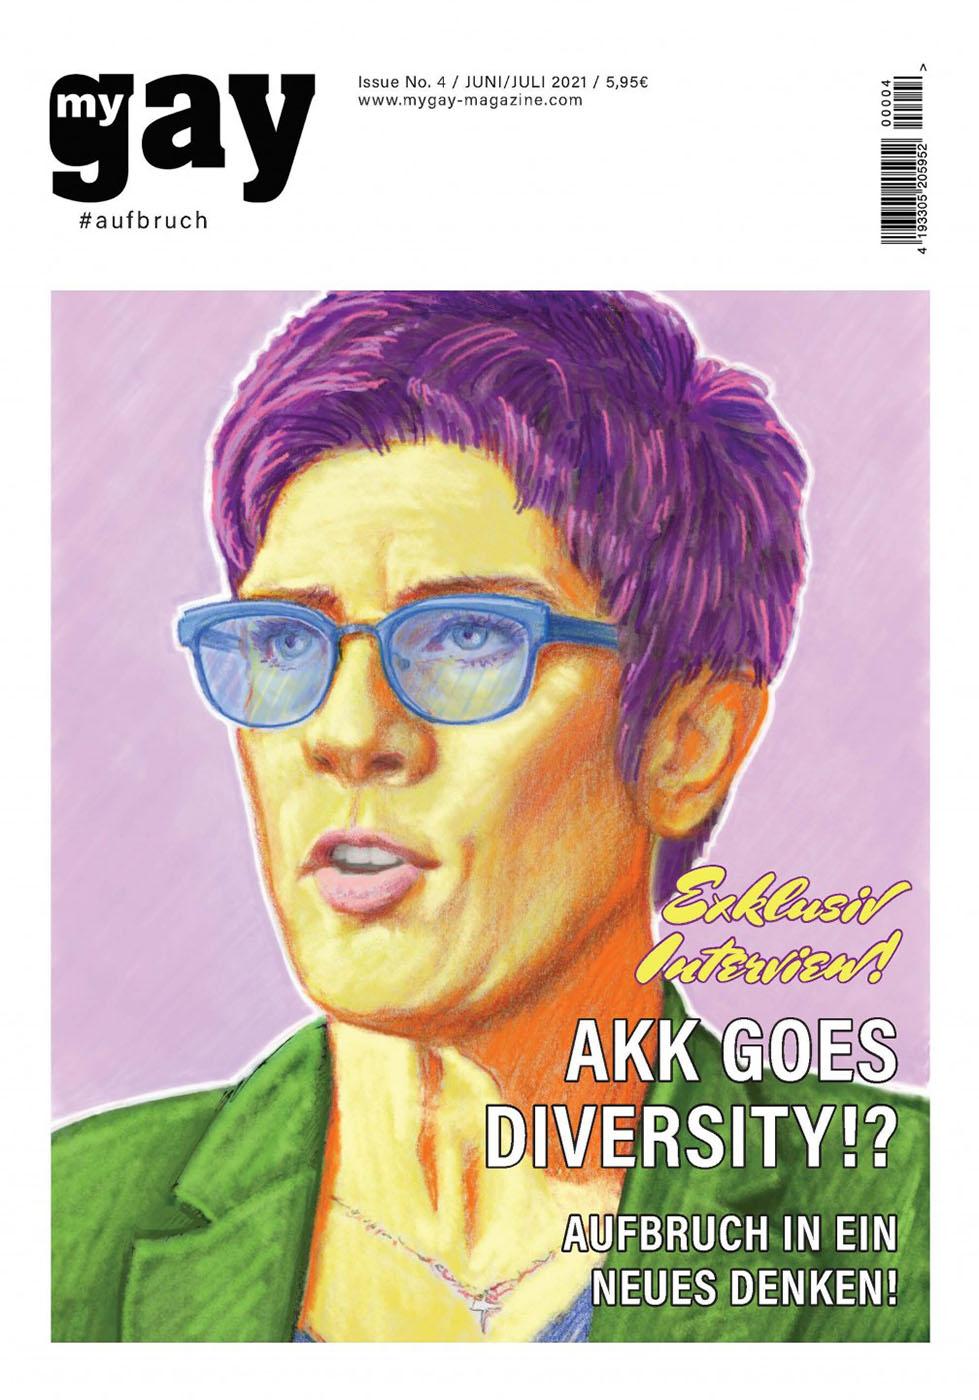 mygay Magazine No. 4